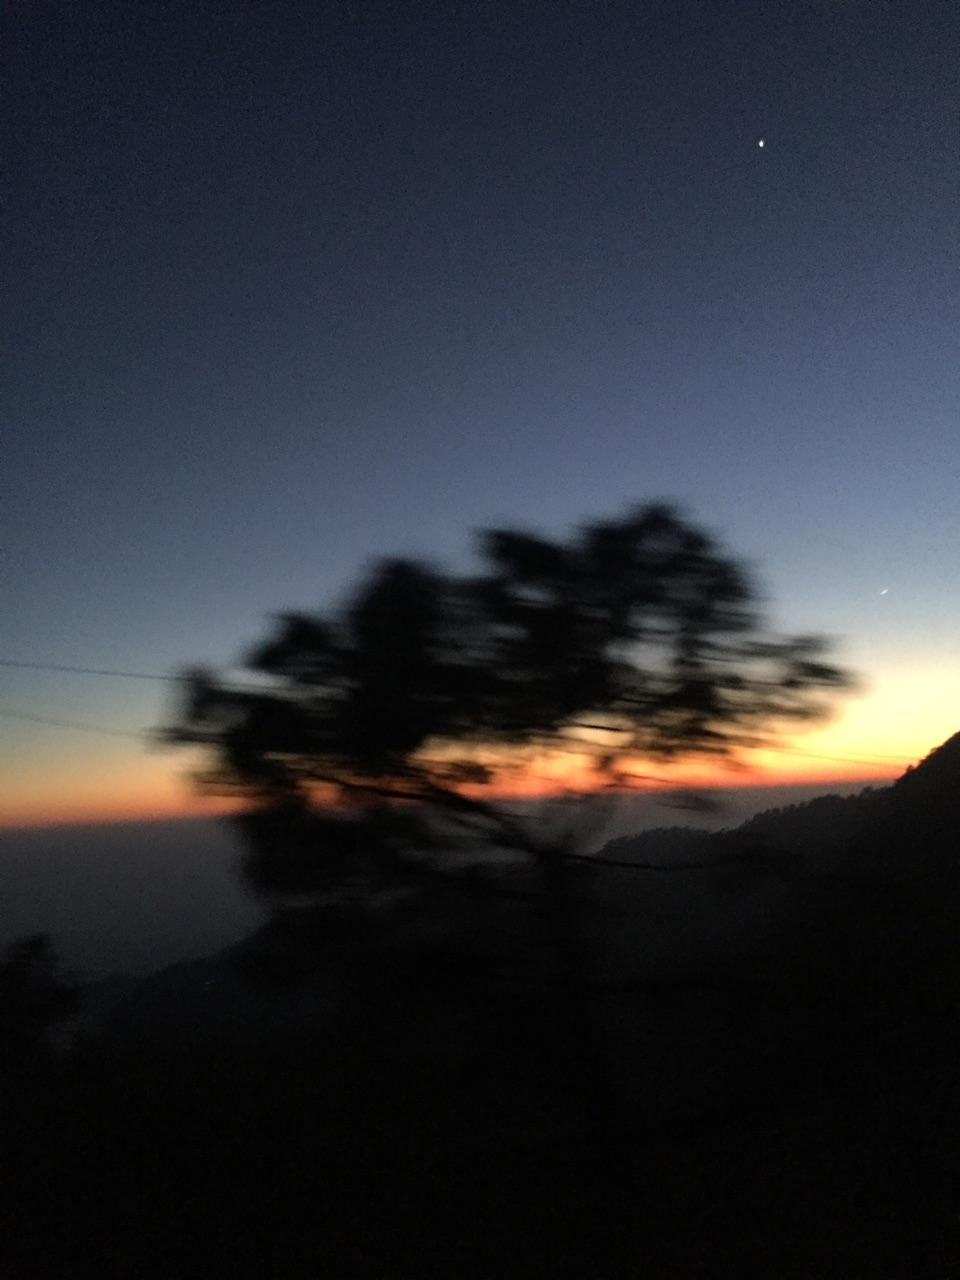 dark, horizon, and scenery image